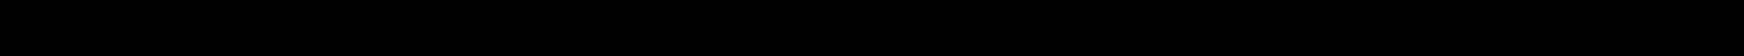 UnitSlabScOffcPro-Light.ttf